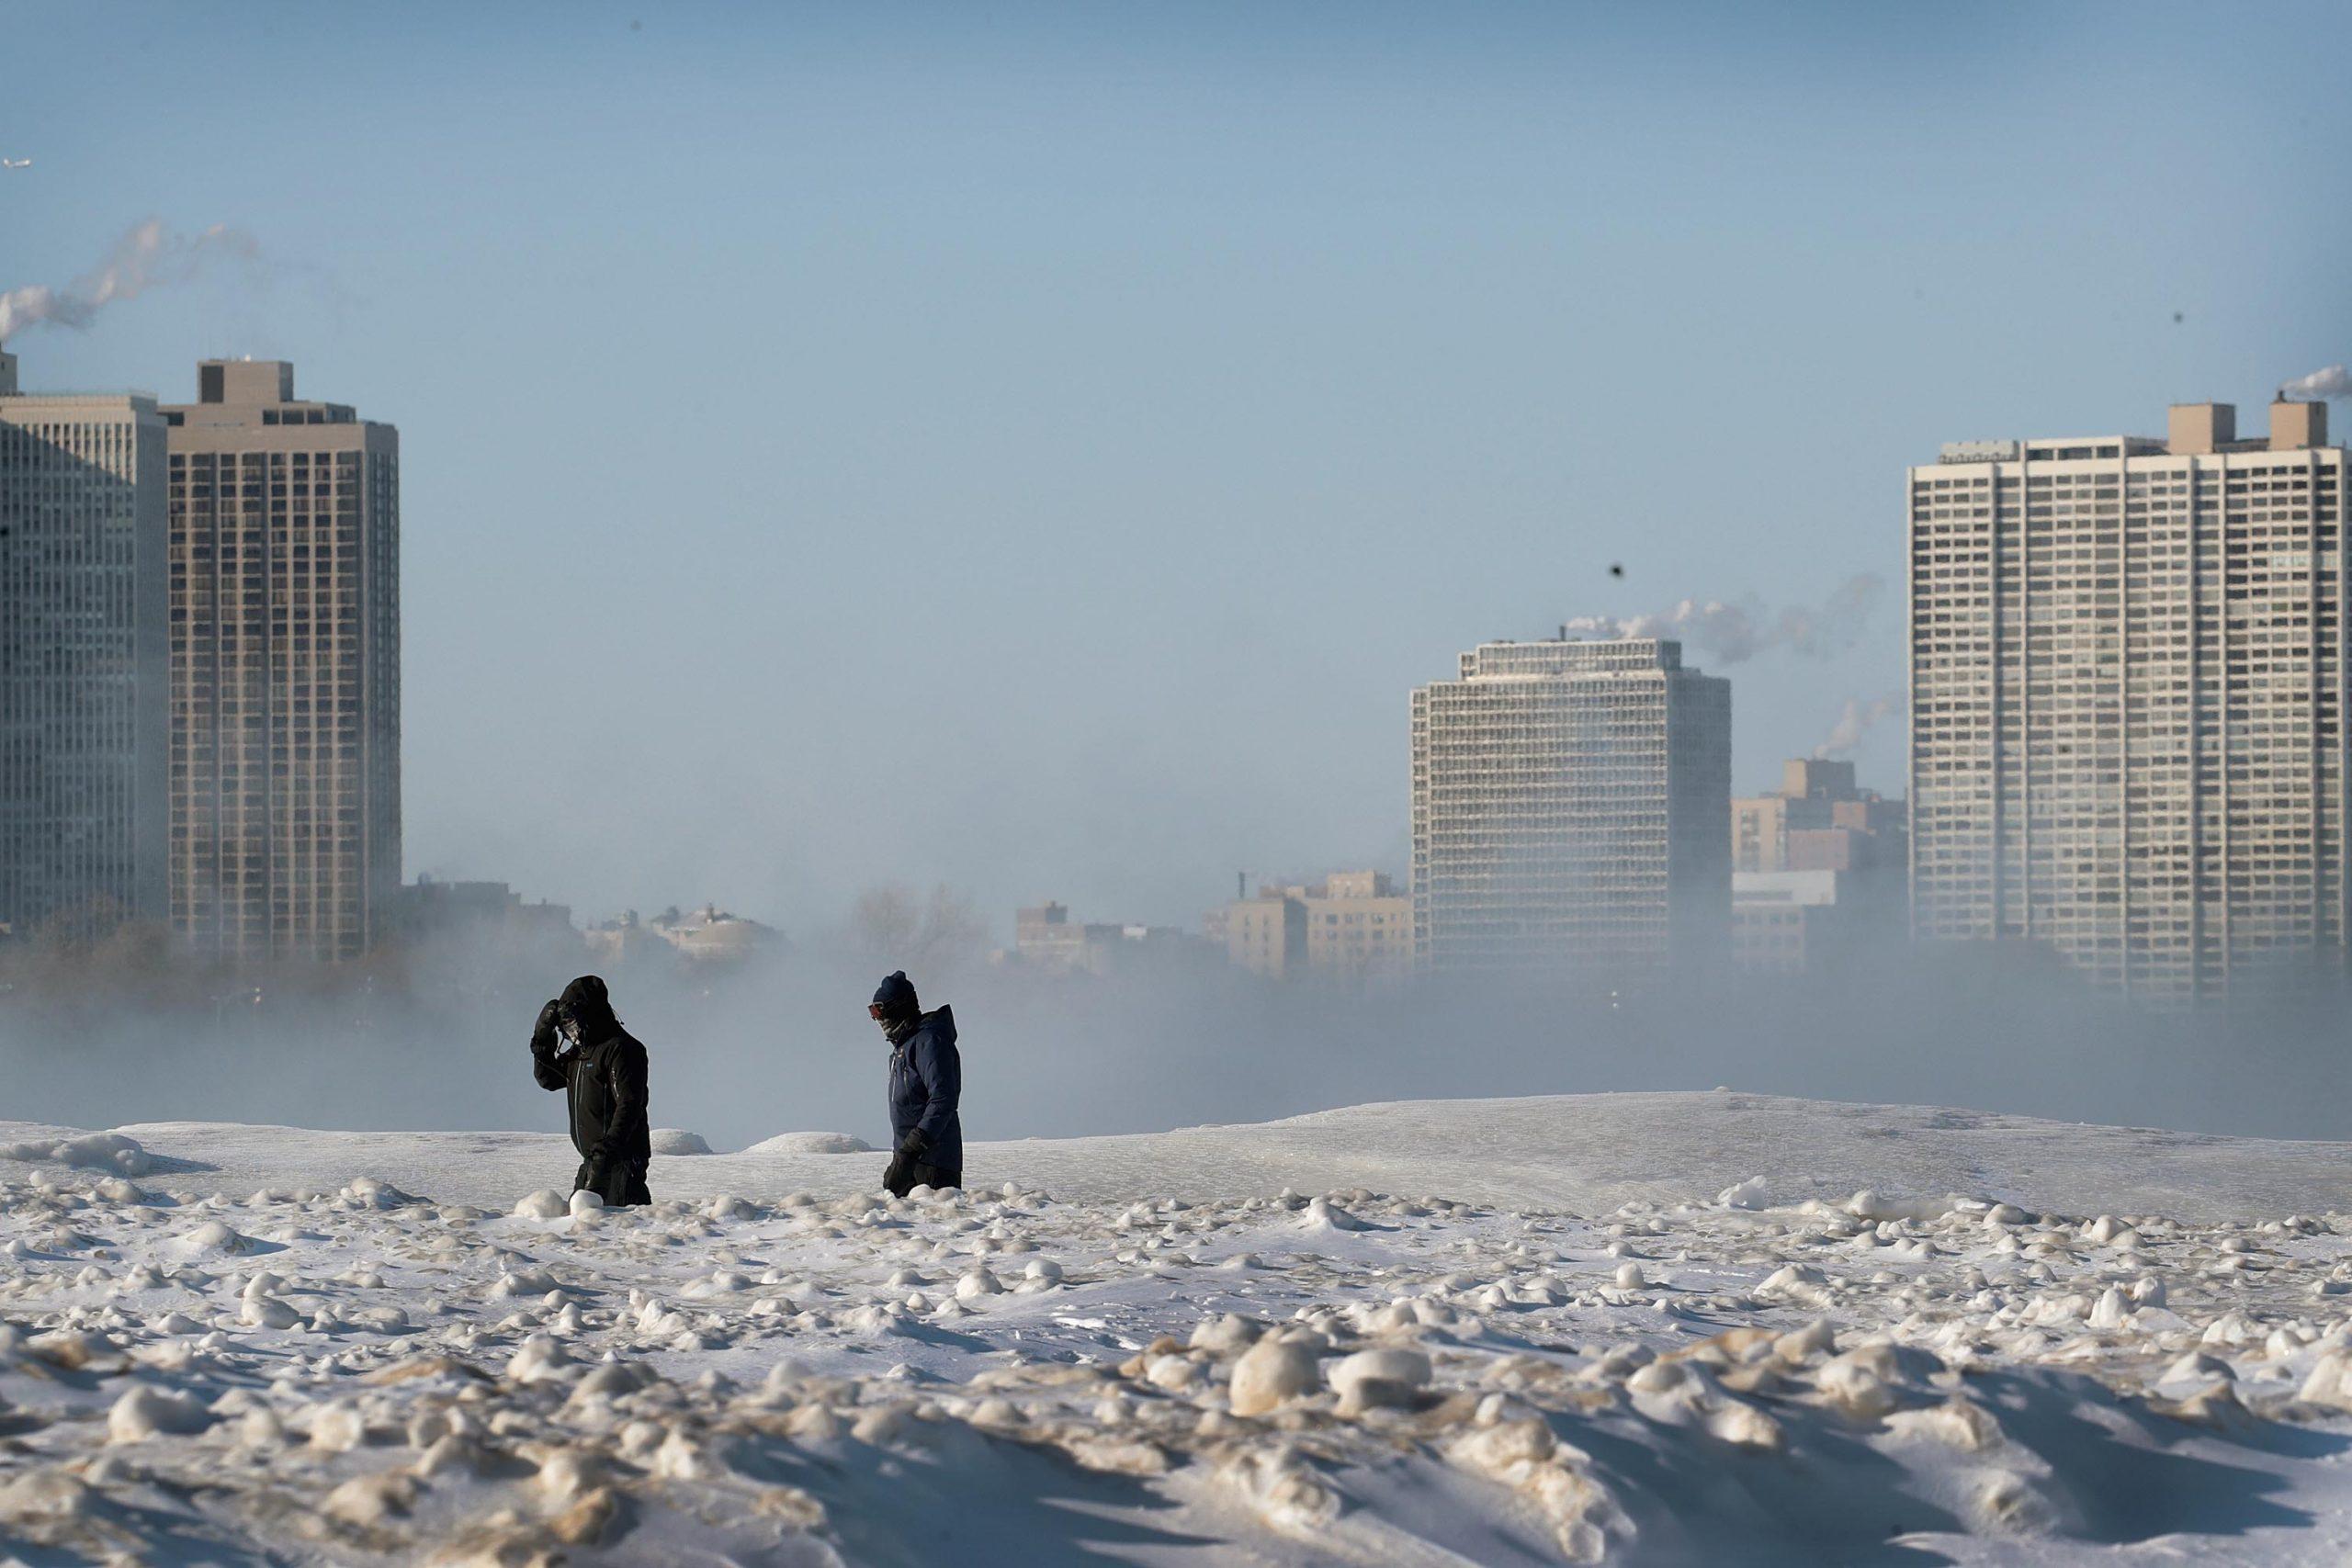 ขั้วโลกเหนือ ข่าวสดวันนี้ อากาศหนาว